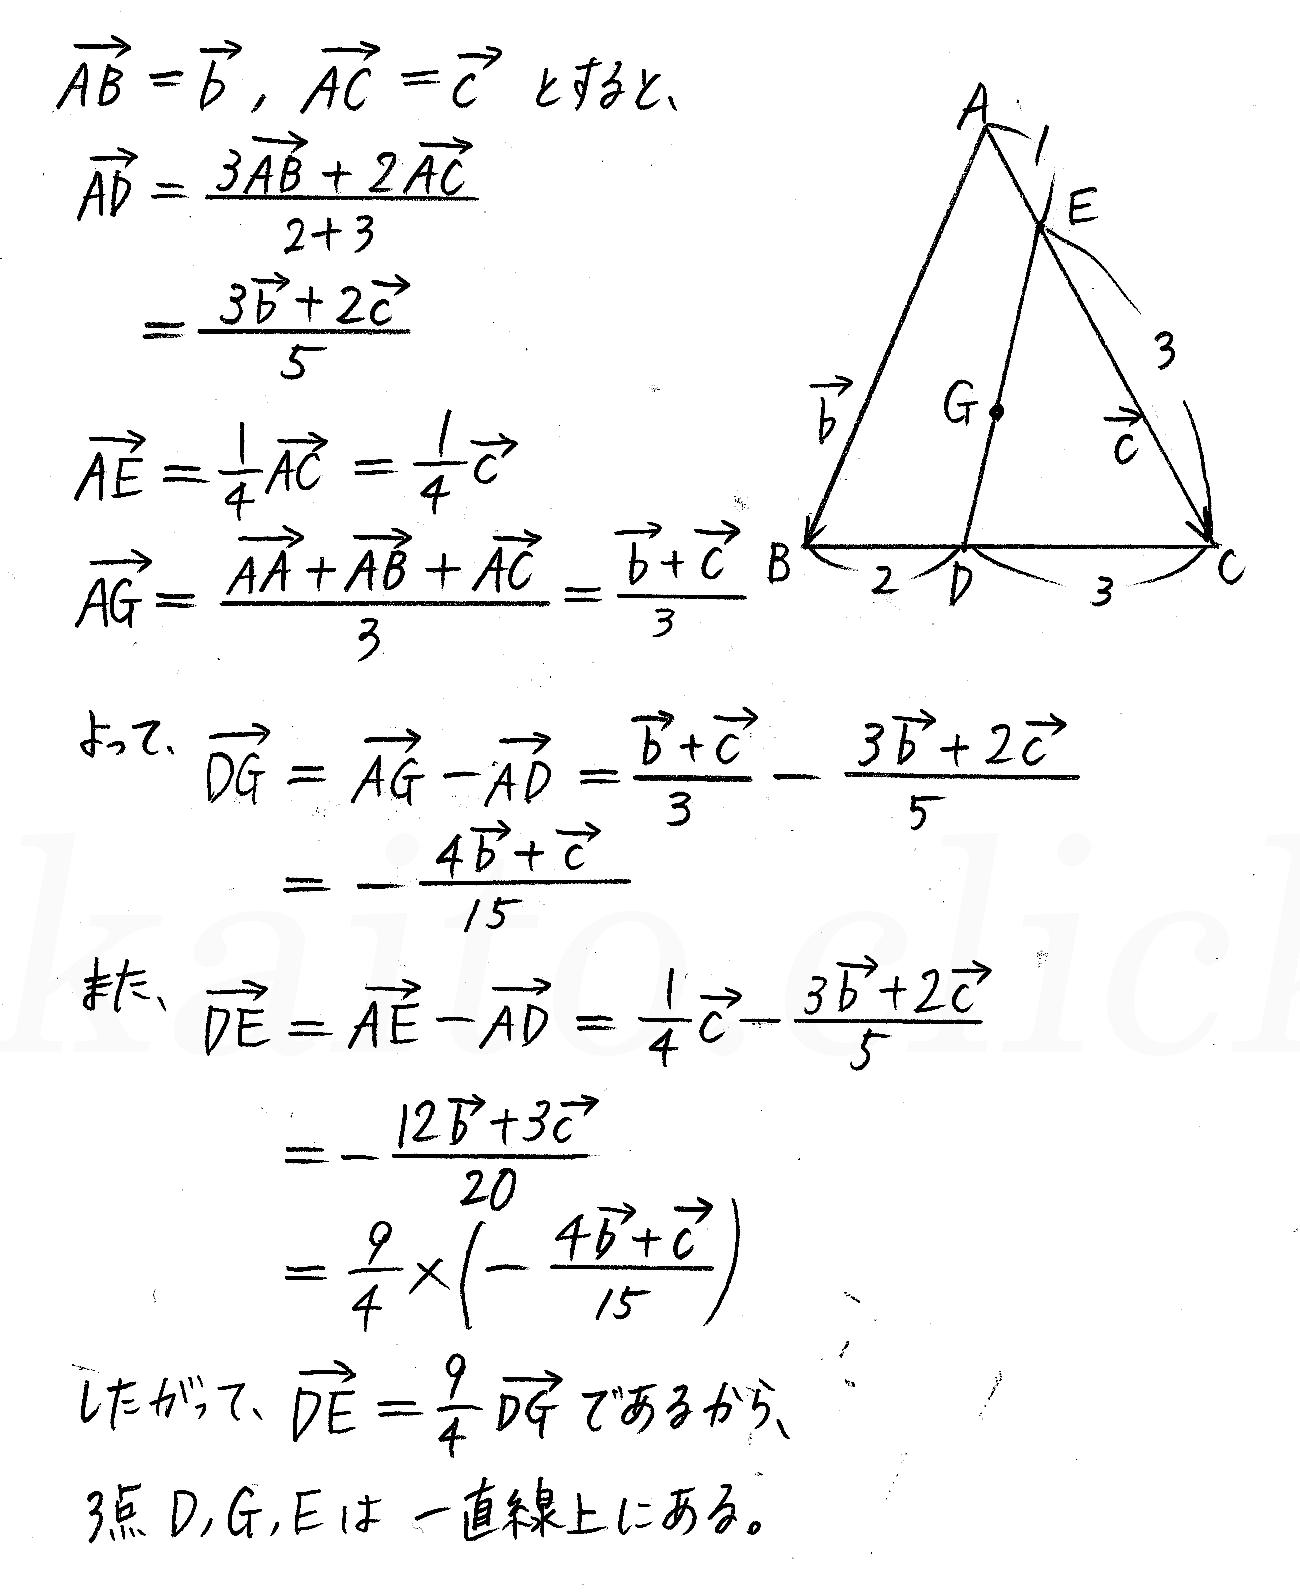 クリアー数学B-56解答